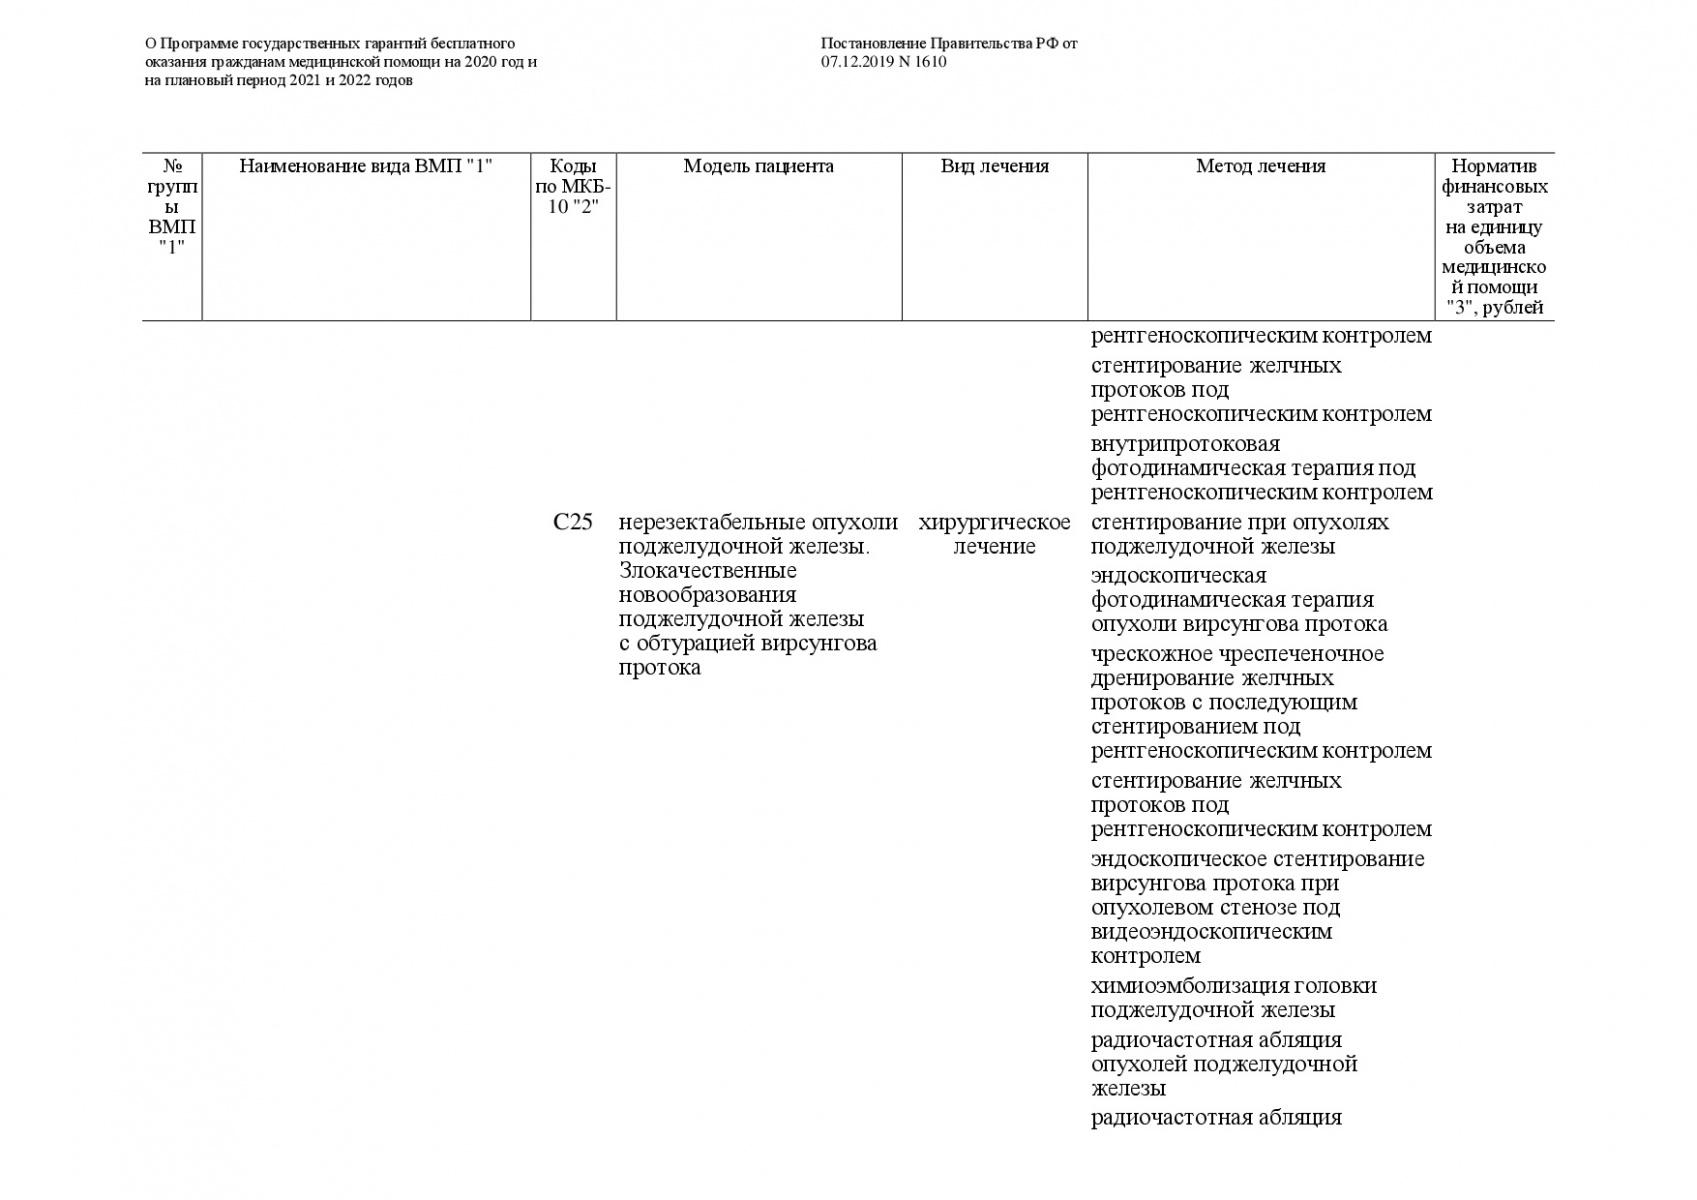 Postanovlenie-Pravitelstva-RF-ot-07_12_2019-1610-O-PGG-066